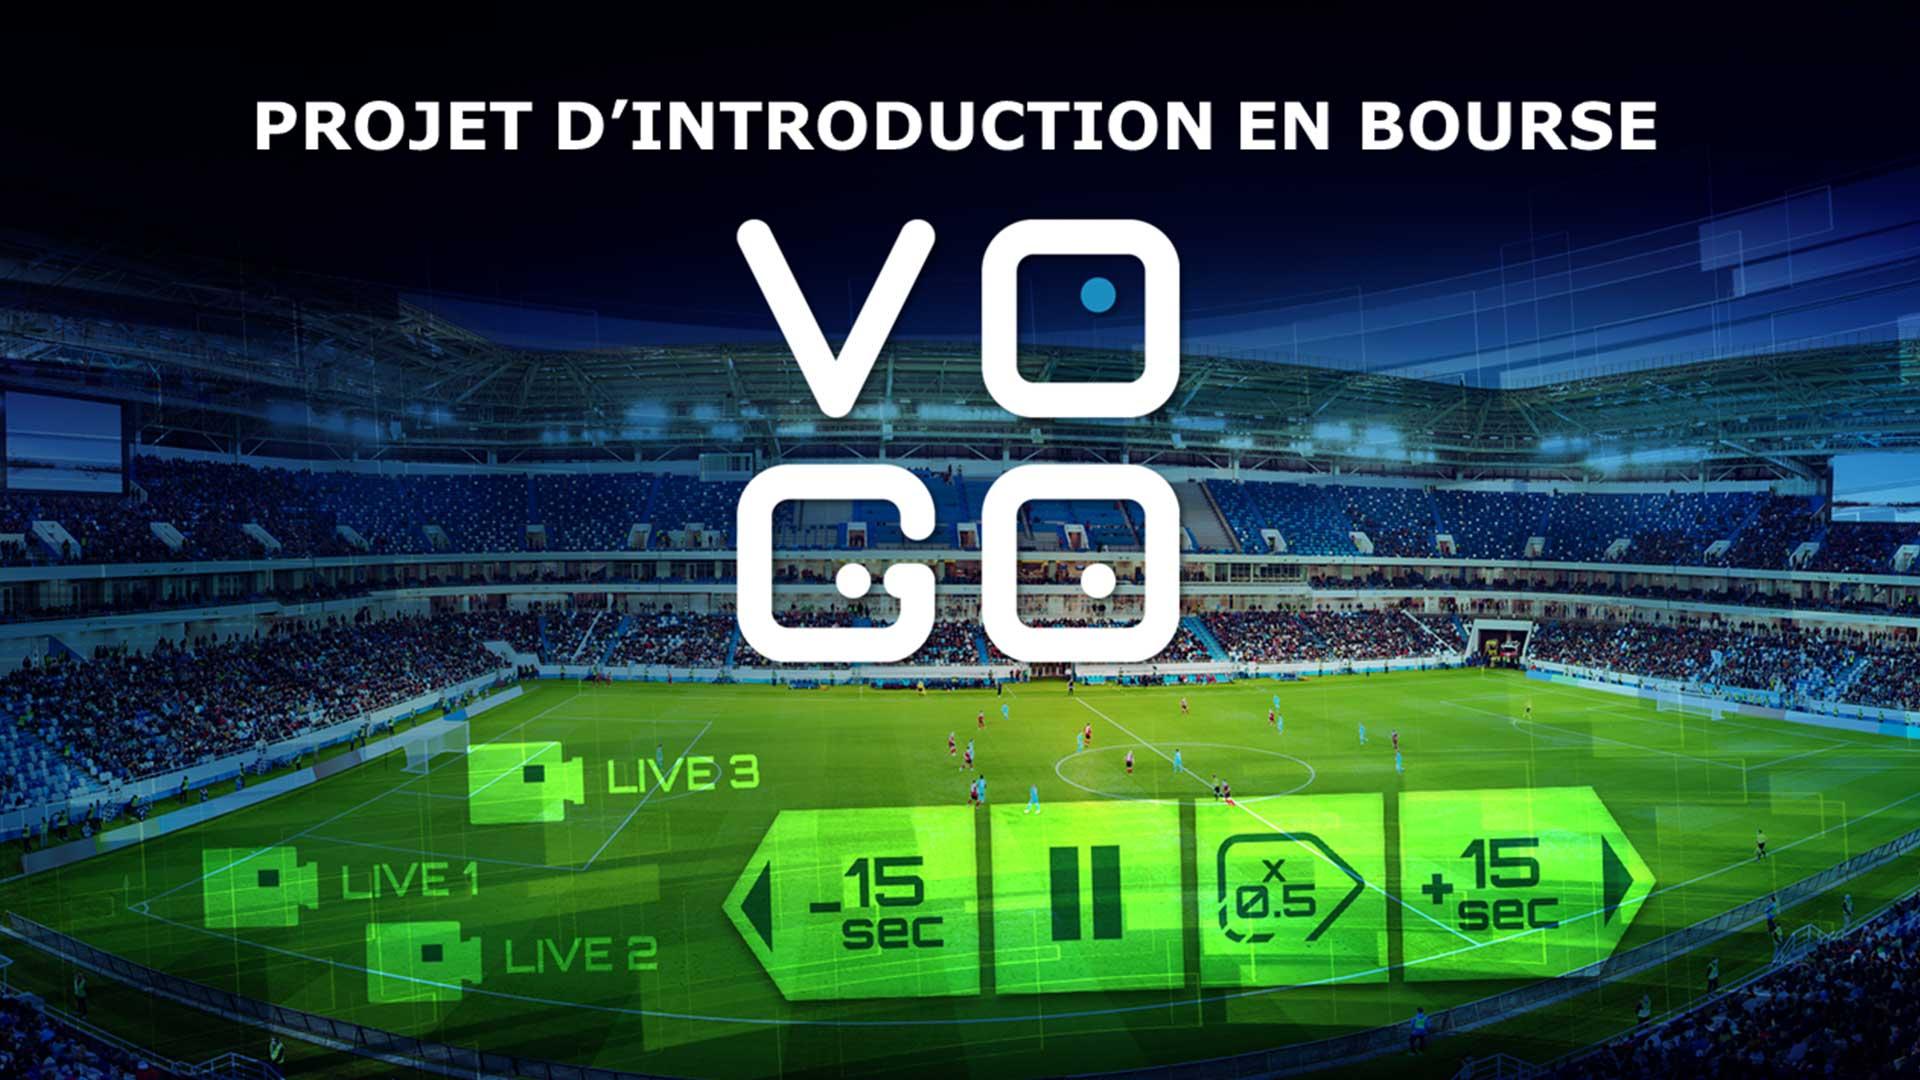 VOGO annonce son projet d'introduction en bourse